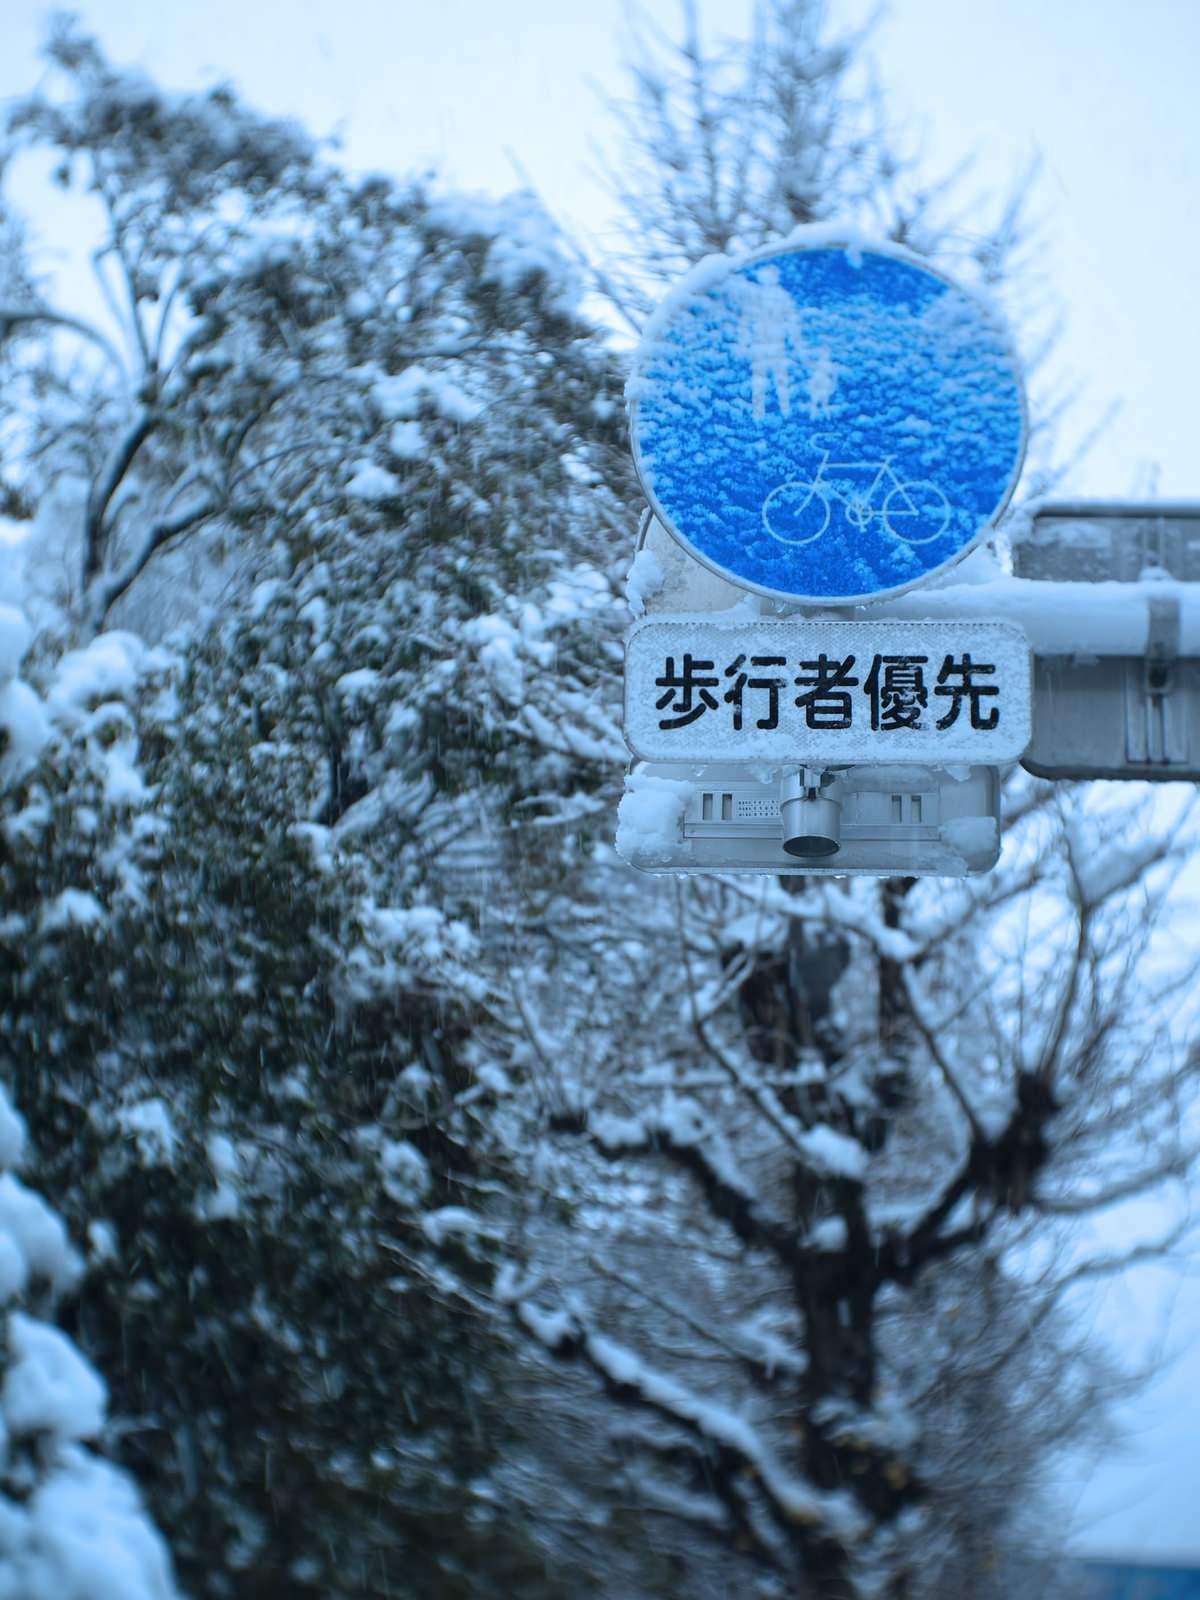 歩行者優先表示に着雪する様子歩行者優先表示に着雪する様子